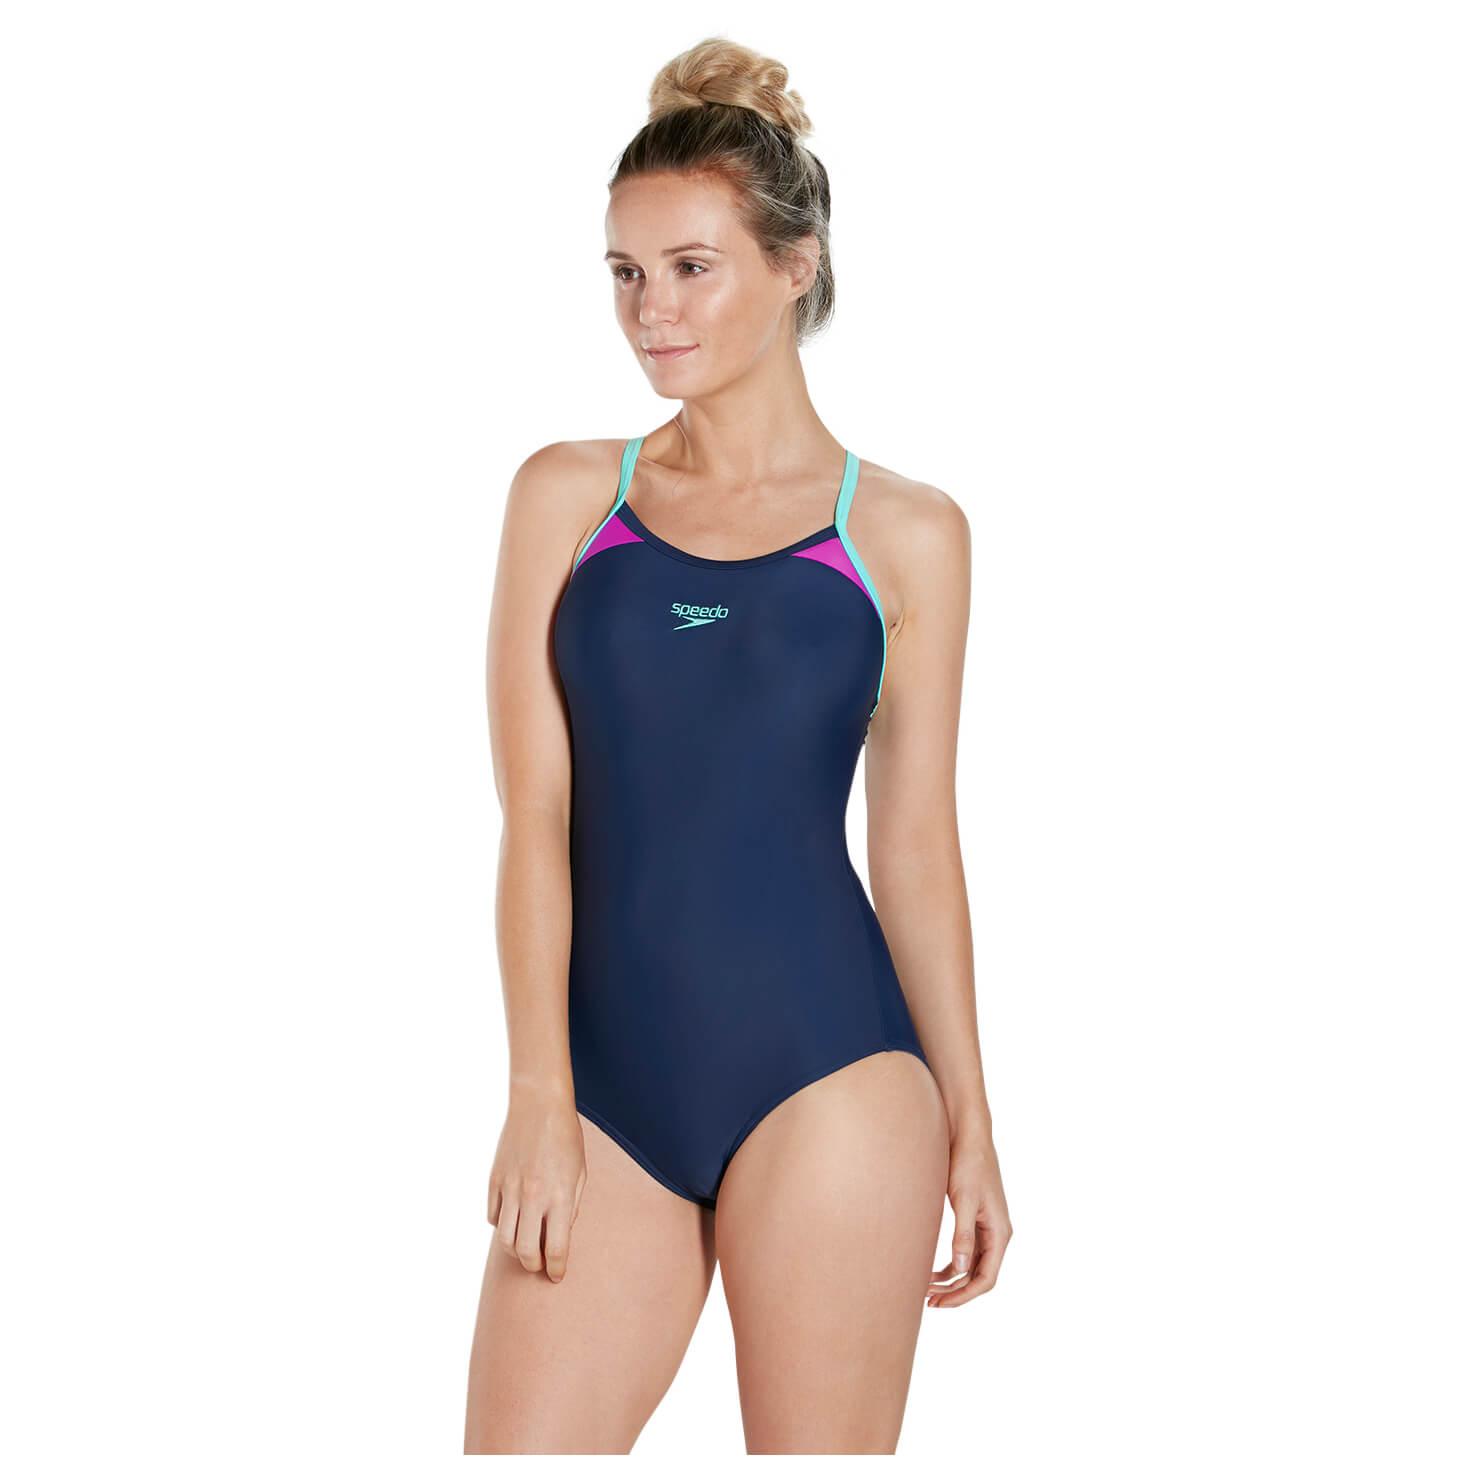 Grau Speedo Damen Speedo Passform Splice Schwimmbad Badeanzug